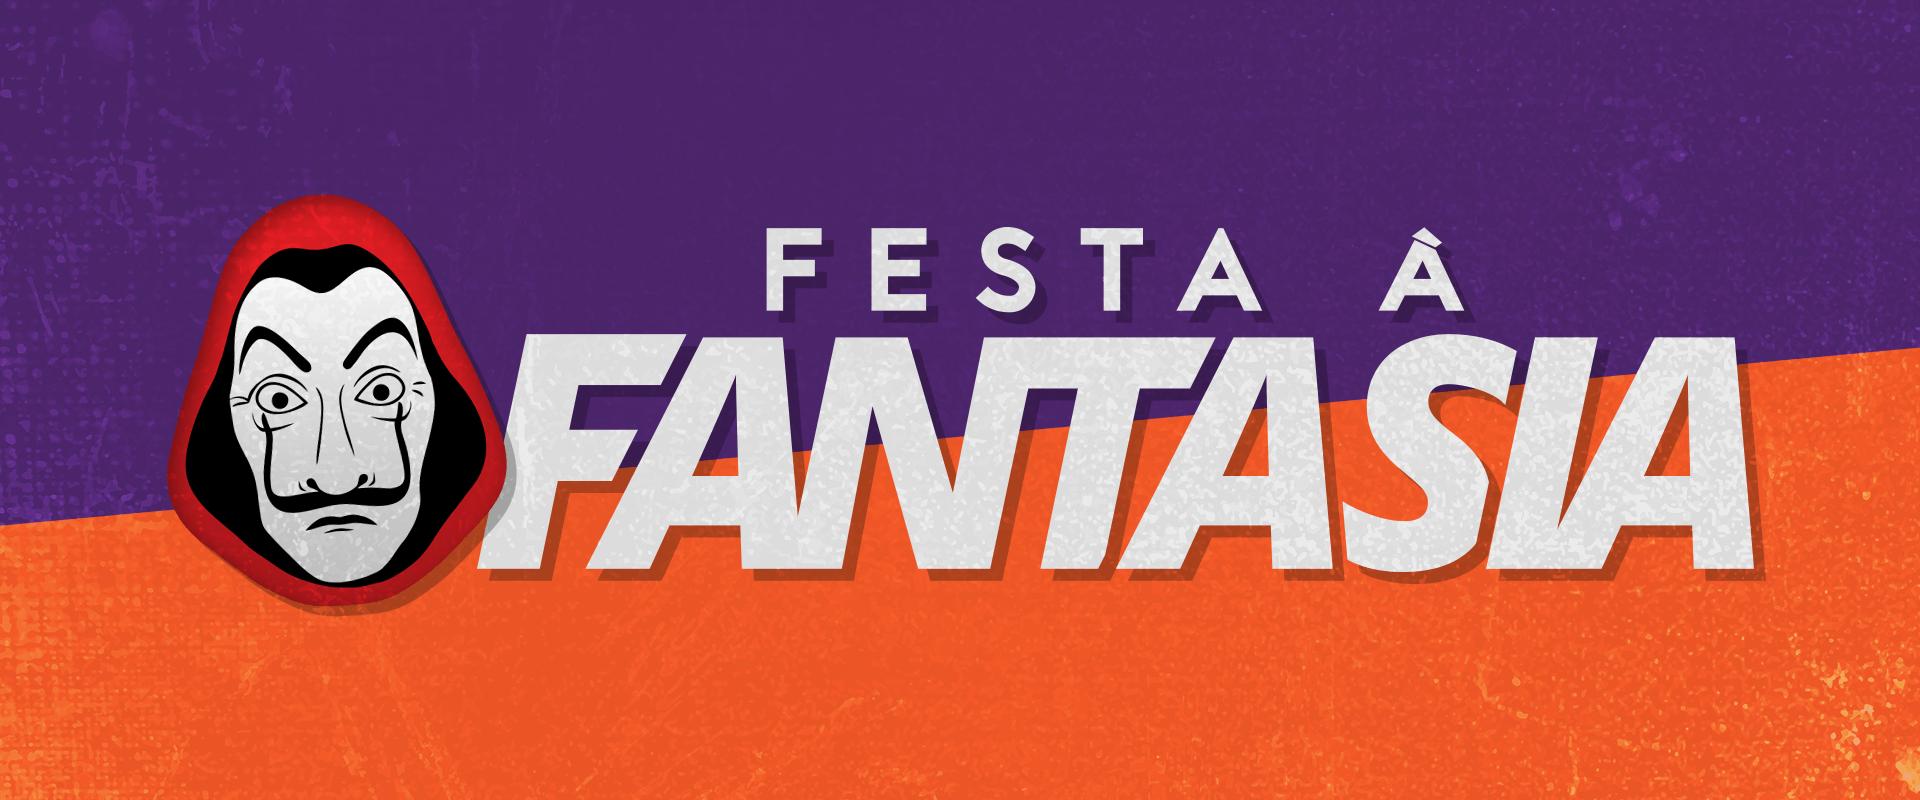 site_banner_festa fantasia